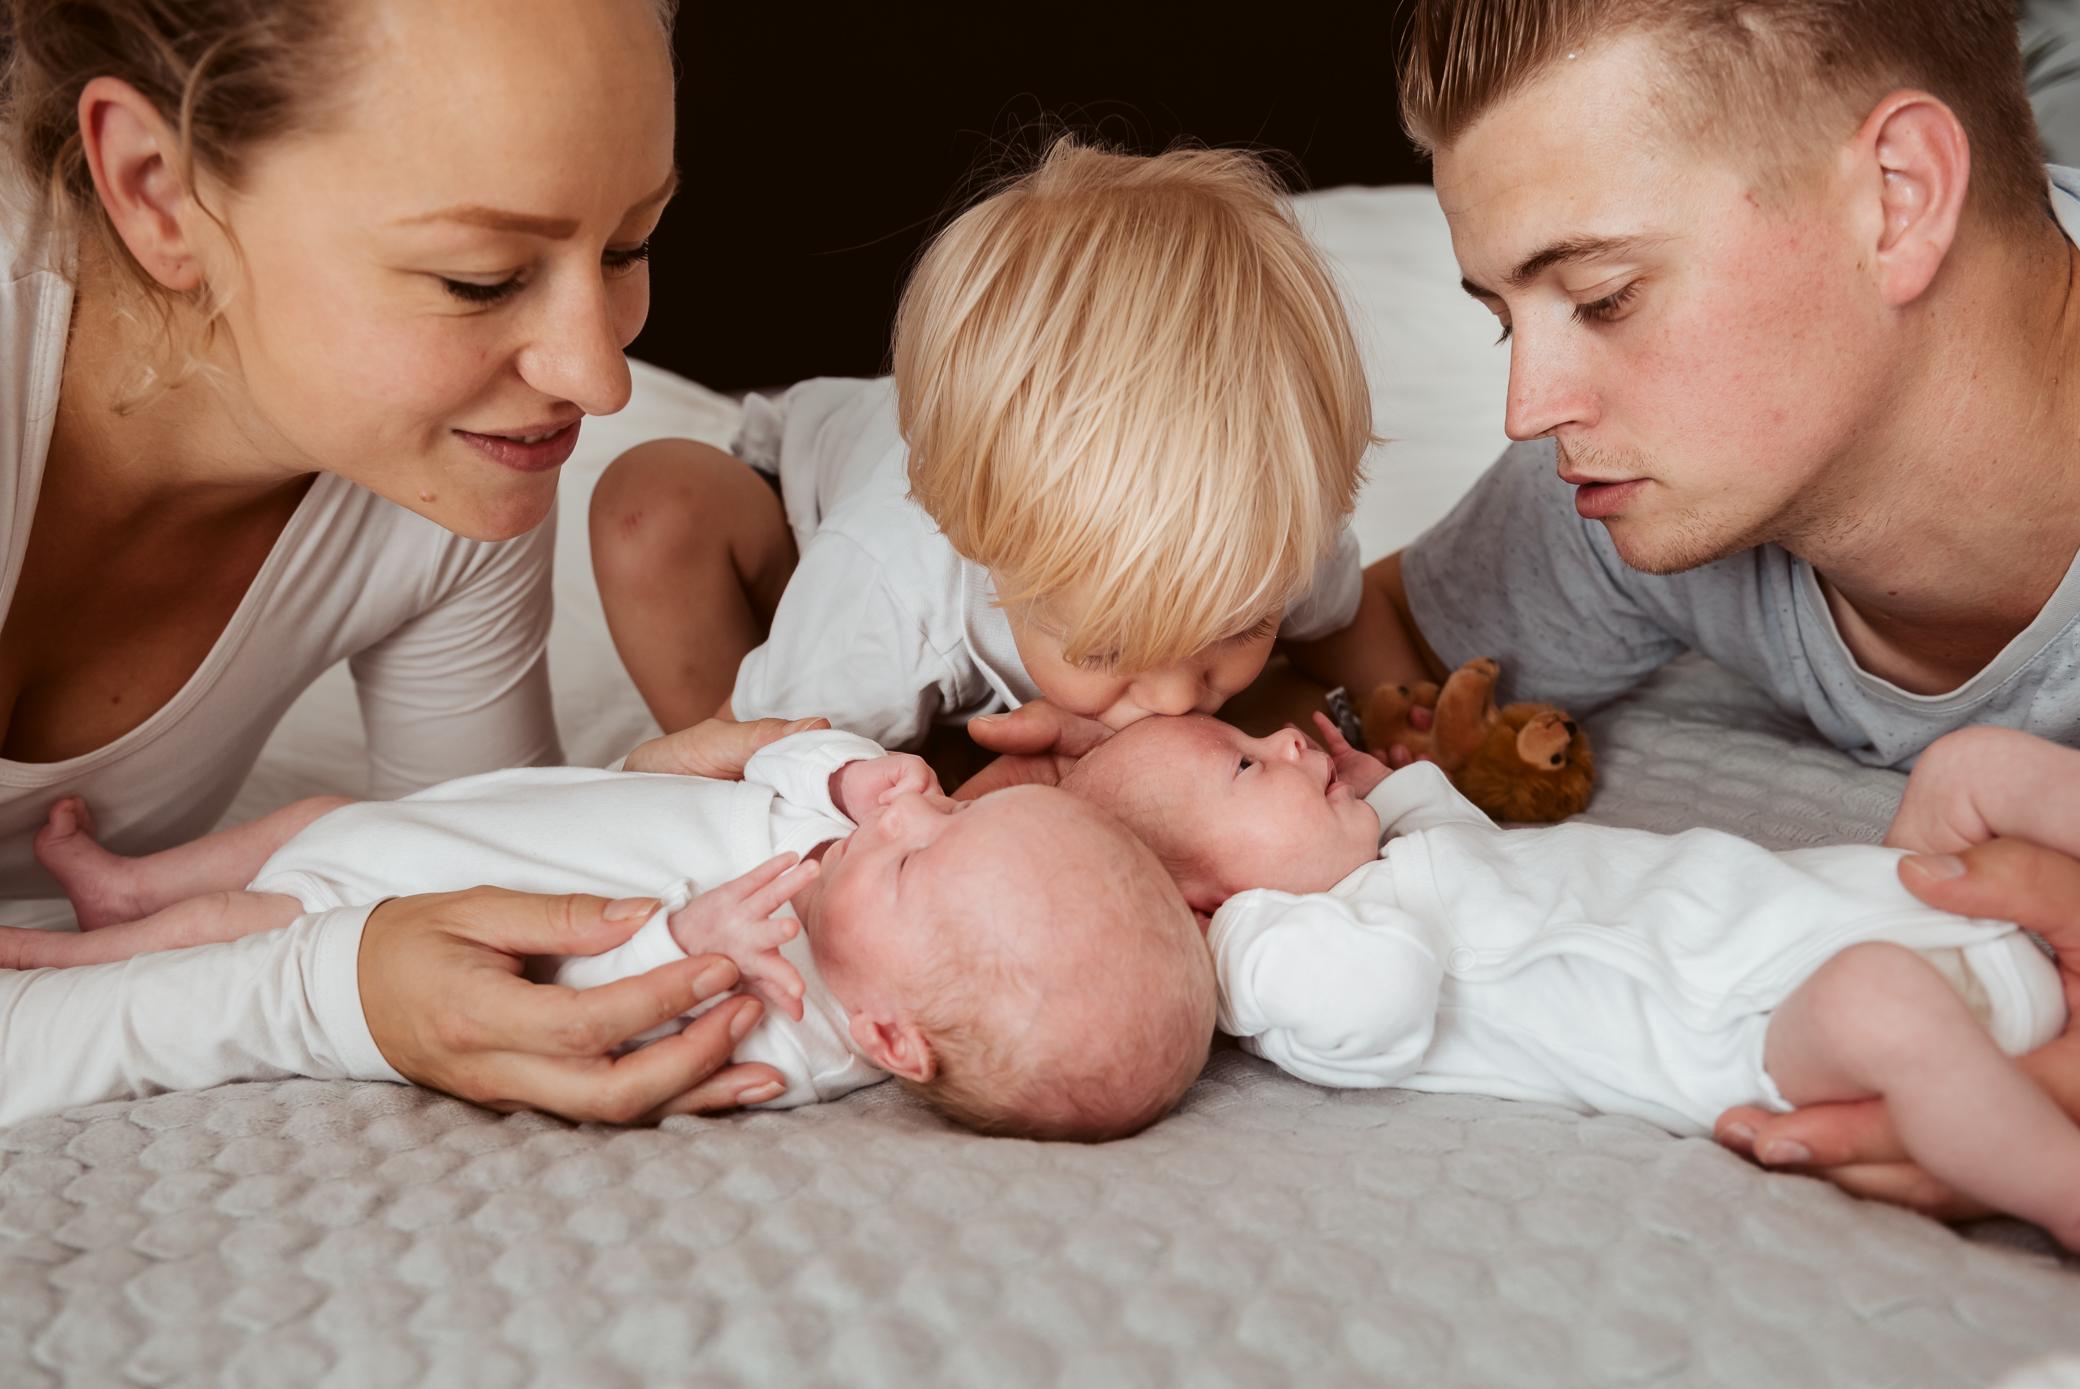 Grote broer geeft kusje en trotse ouders kijken toe